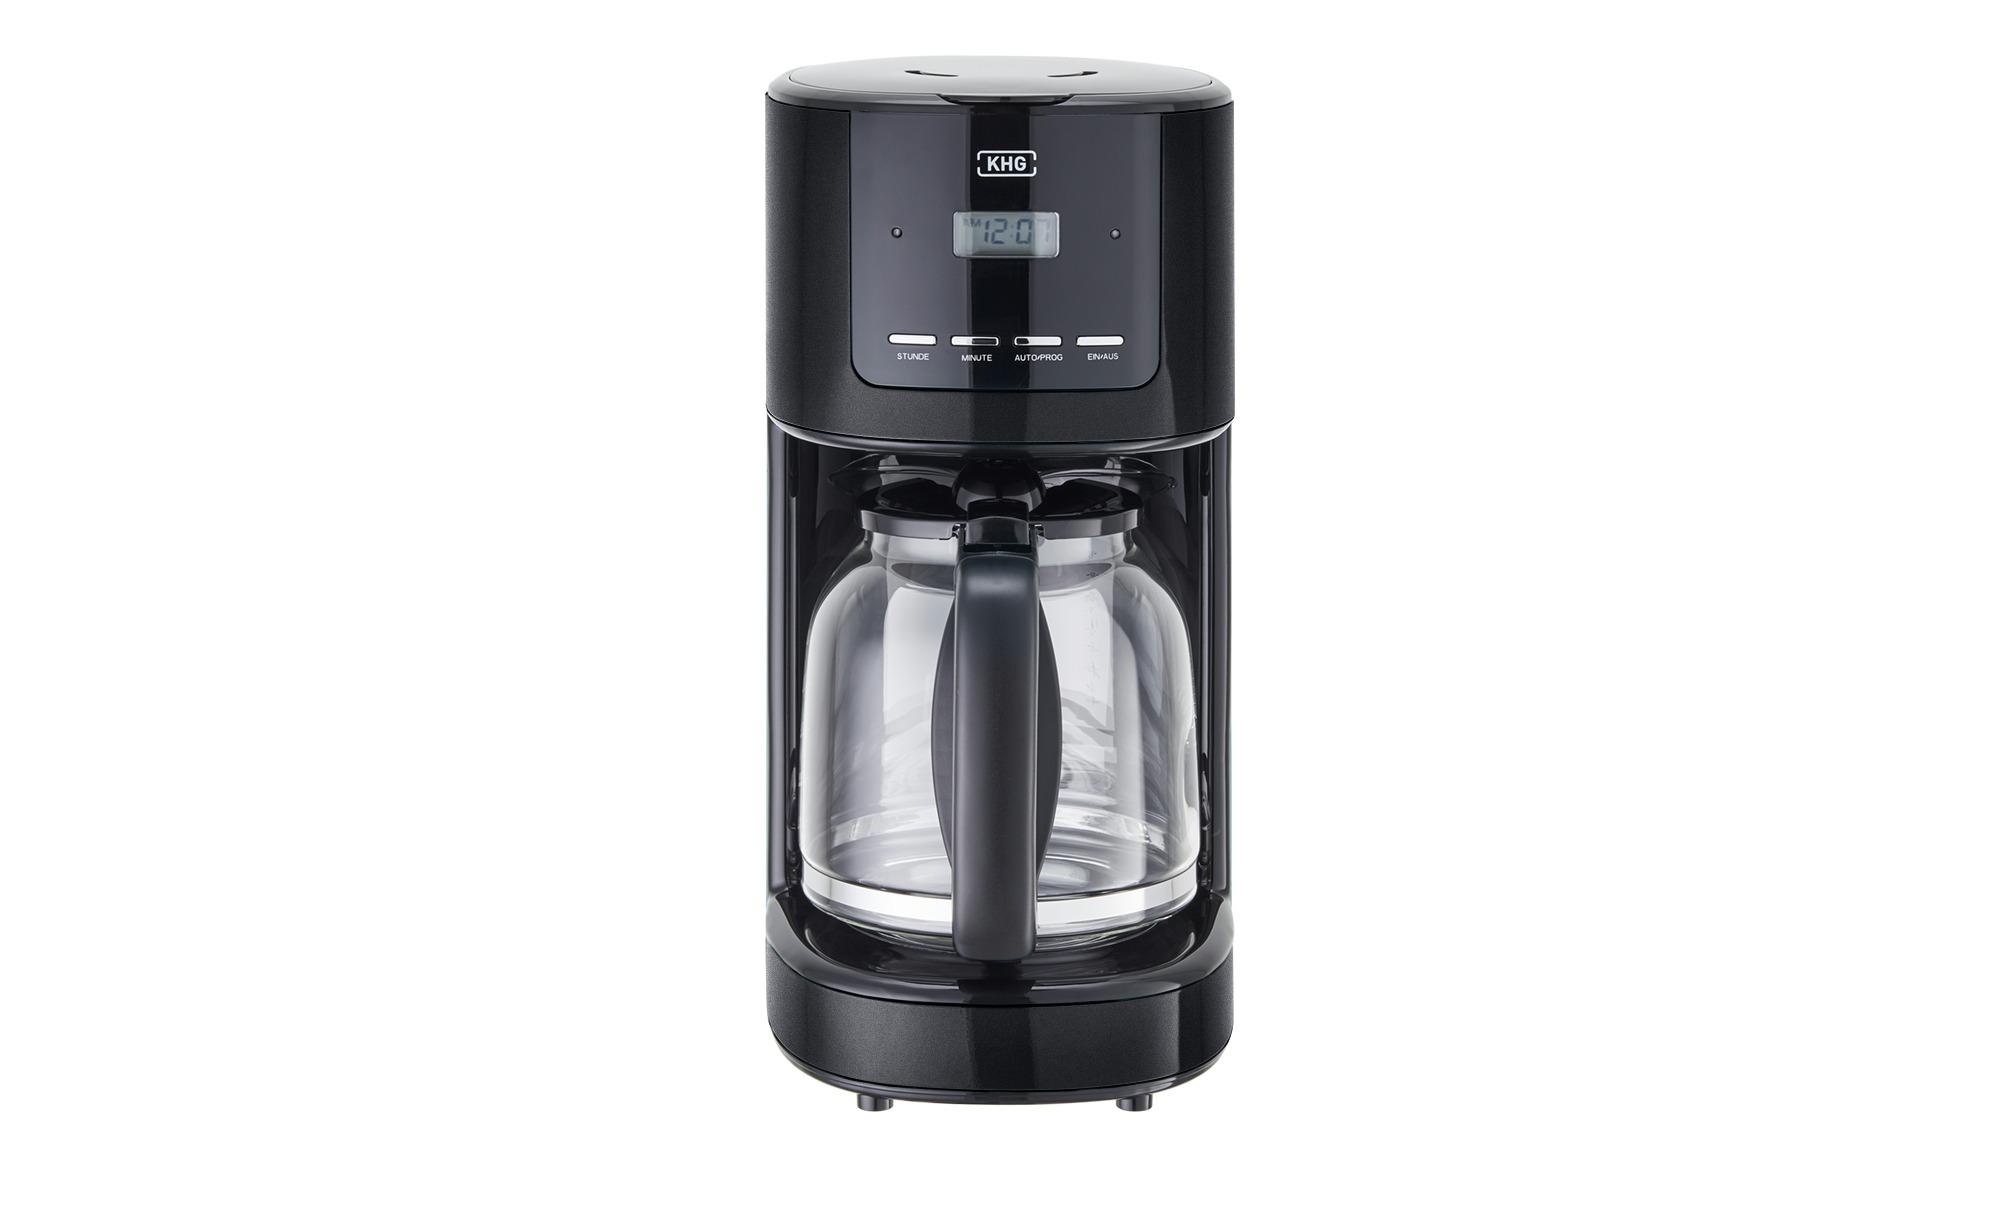 KHG Kaffeeautomat  KA-184 (S) - schwarz - Metall, Kunststoff, Glas - 17,5 cm - 36,5 cm - 23,5 cm - Elektrokleingeräte > Kaffee & Espressomaschinen - Möbel Kraft | Küche und Esszimmer > Kaffee und Tee > Kaffeemaschinen | KHG